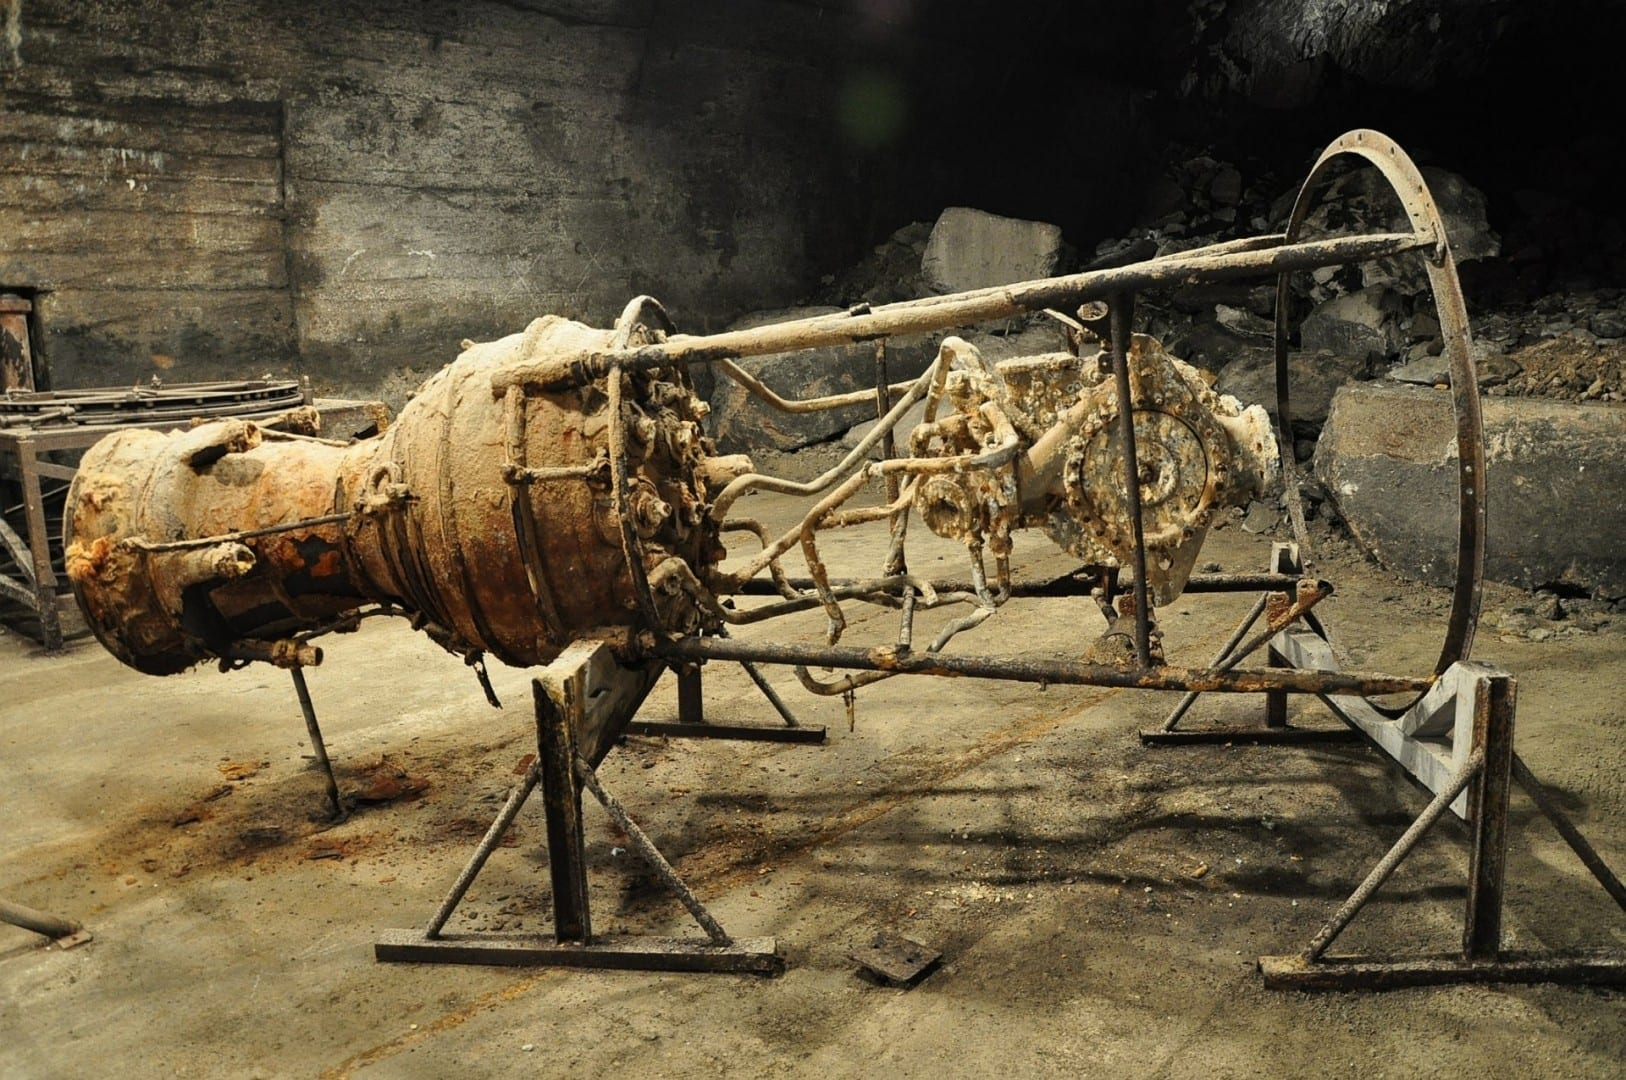 Un motor de cohete V2 en exhibición en el memorial de Dora-Mittelbau KZ Nordhausen Alemania